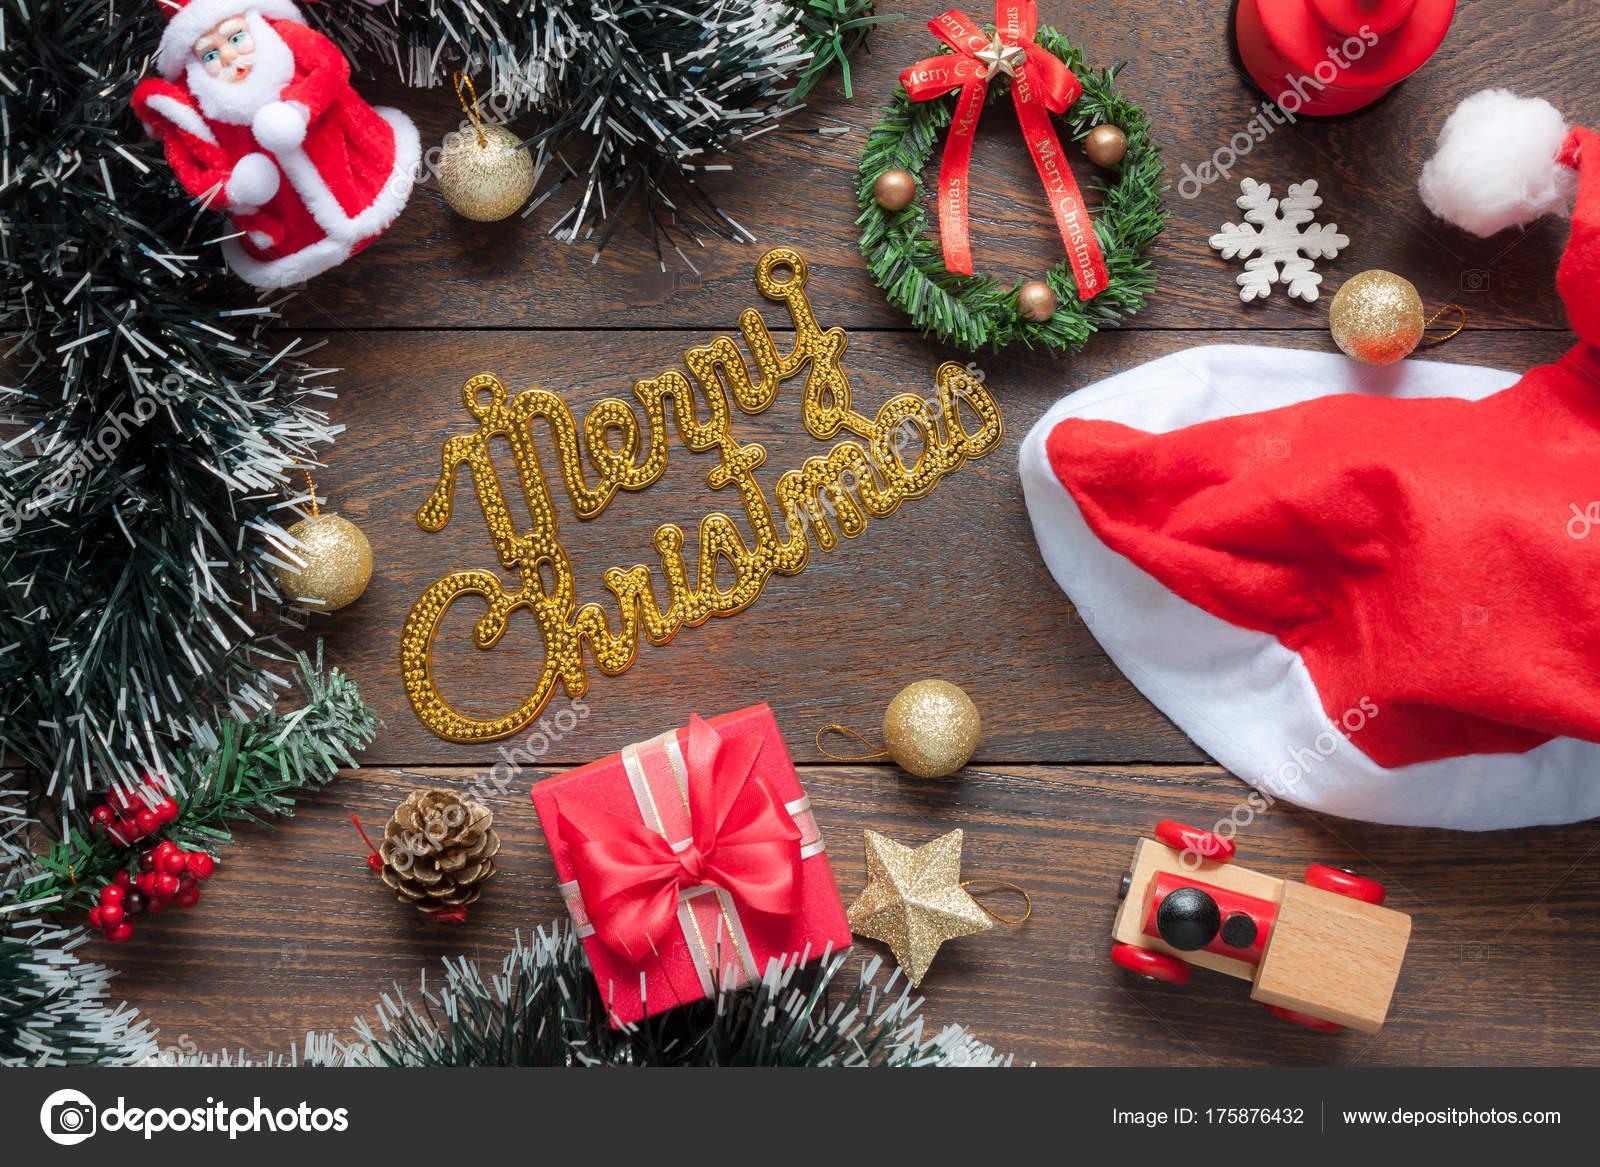 Decorazioni Ufficio Natale : Tavolo top veduta decorazioni ornamenti merry happy natale